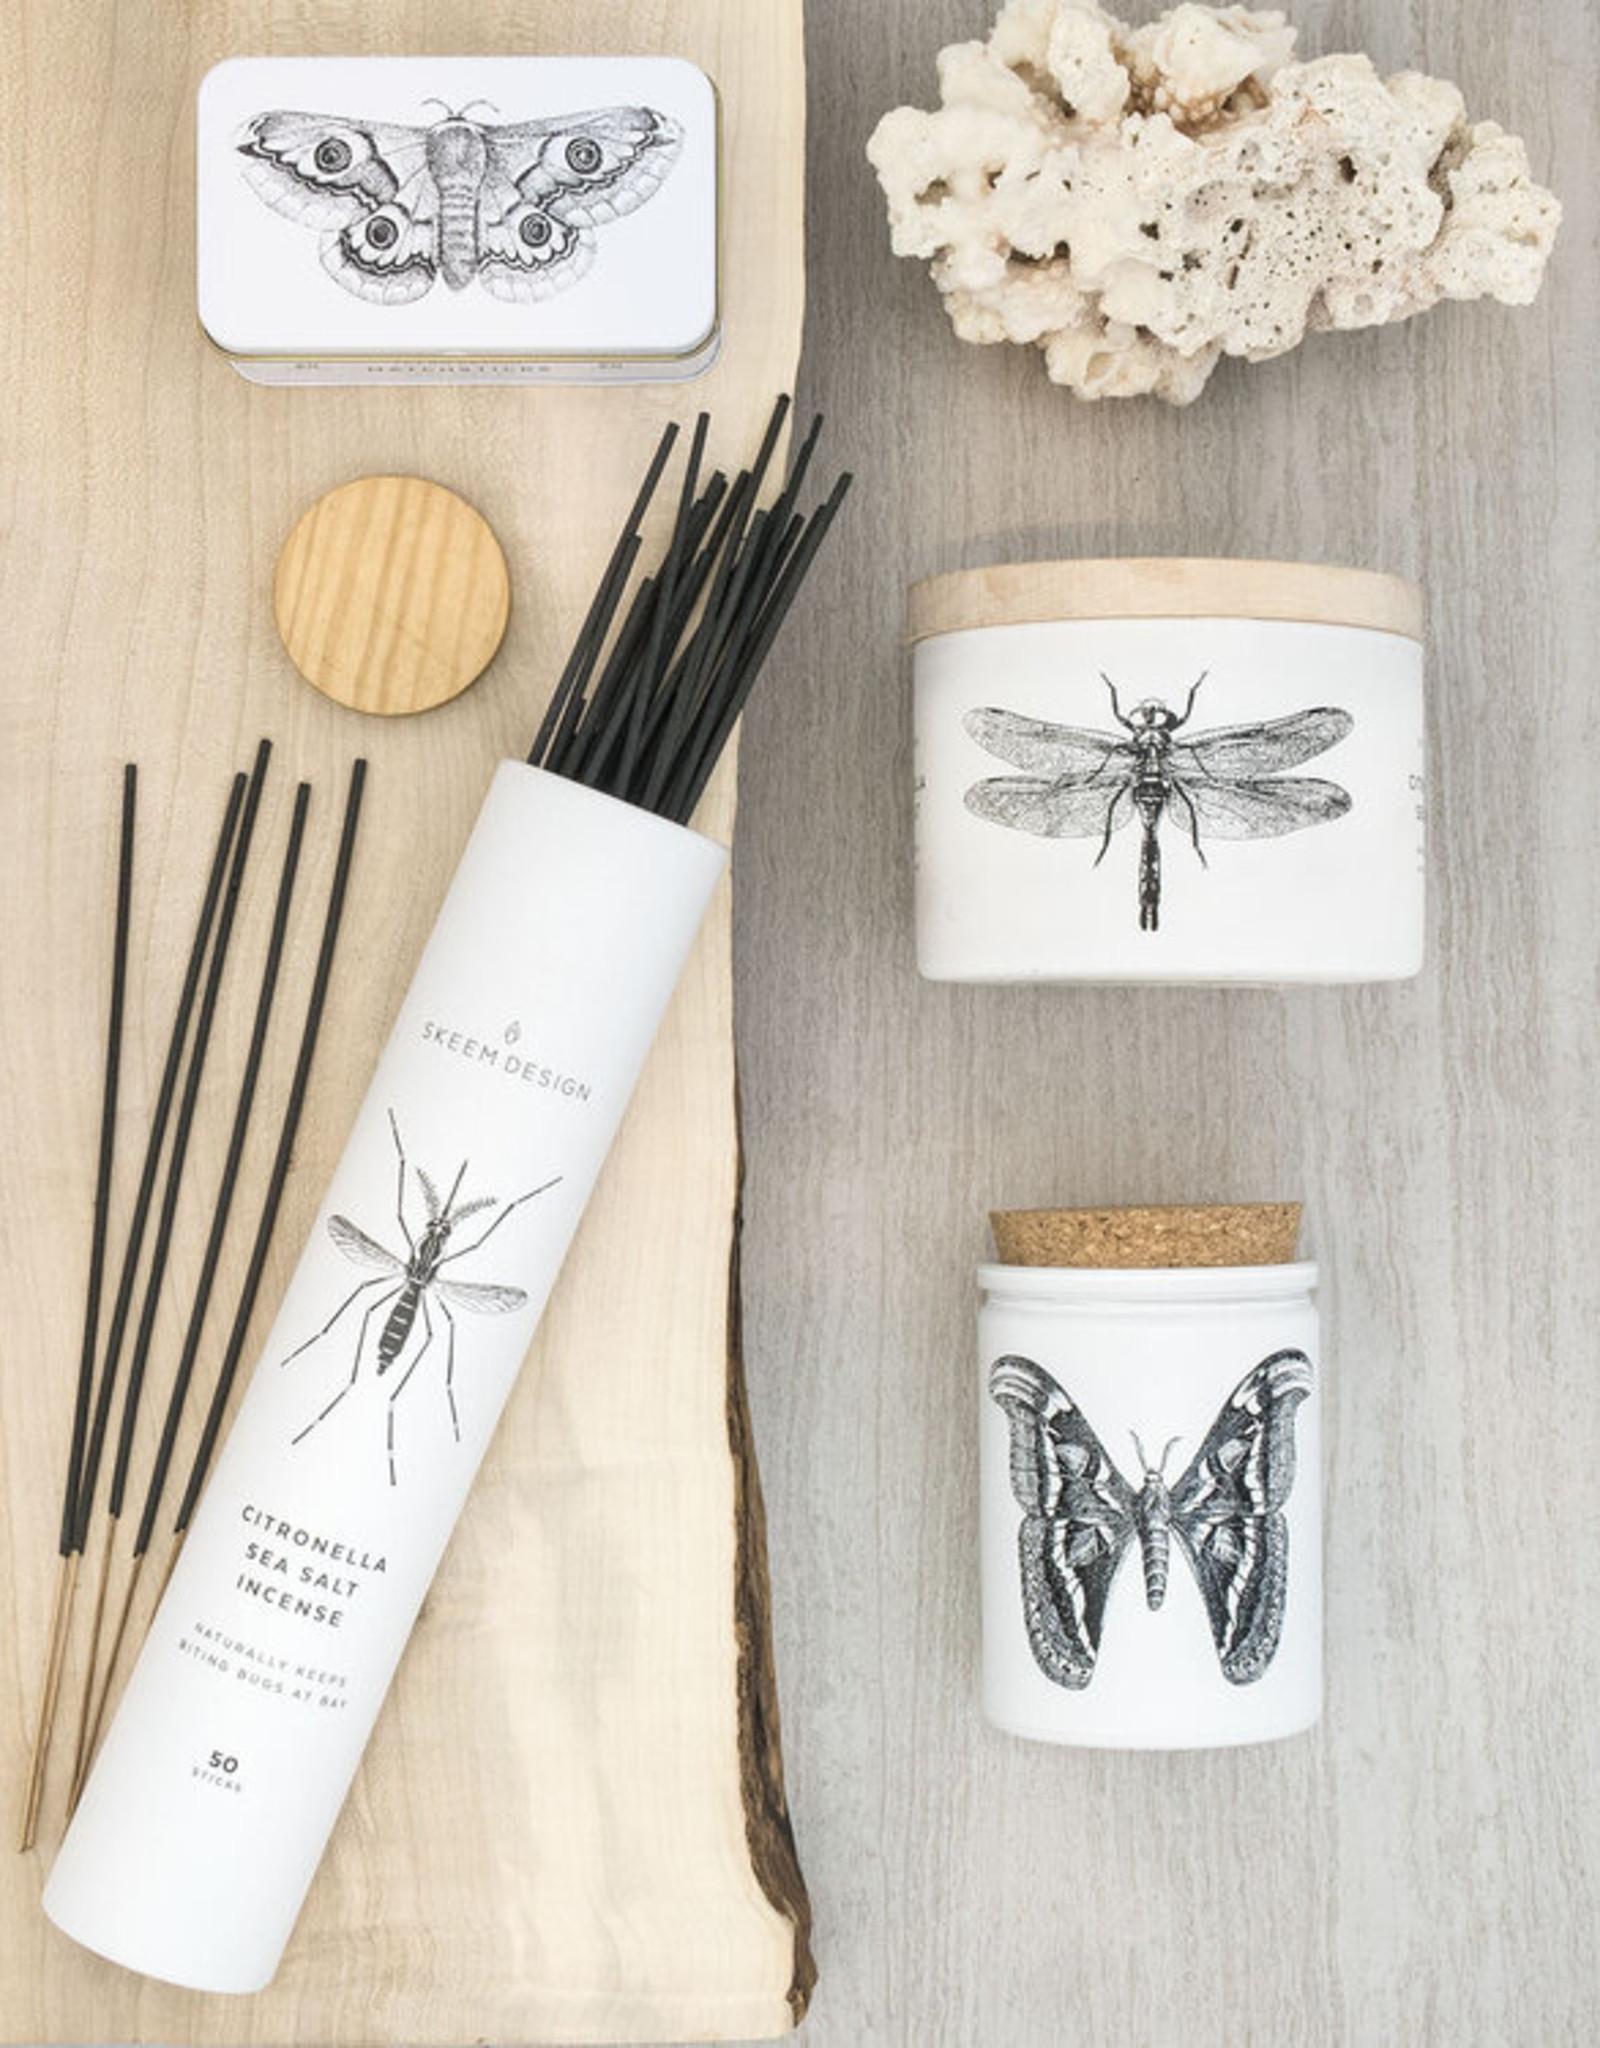 Skeem Design Citronella Incense